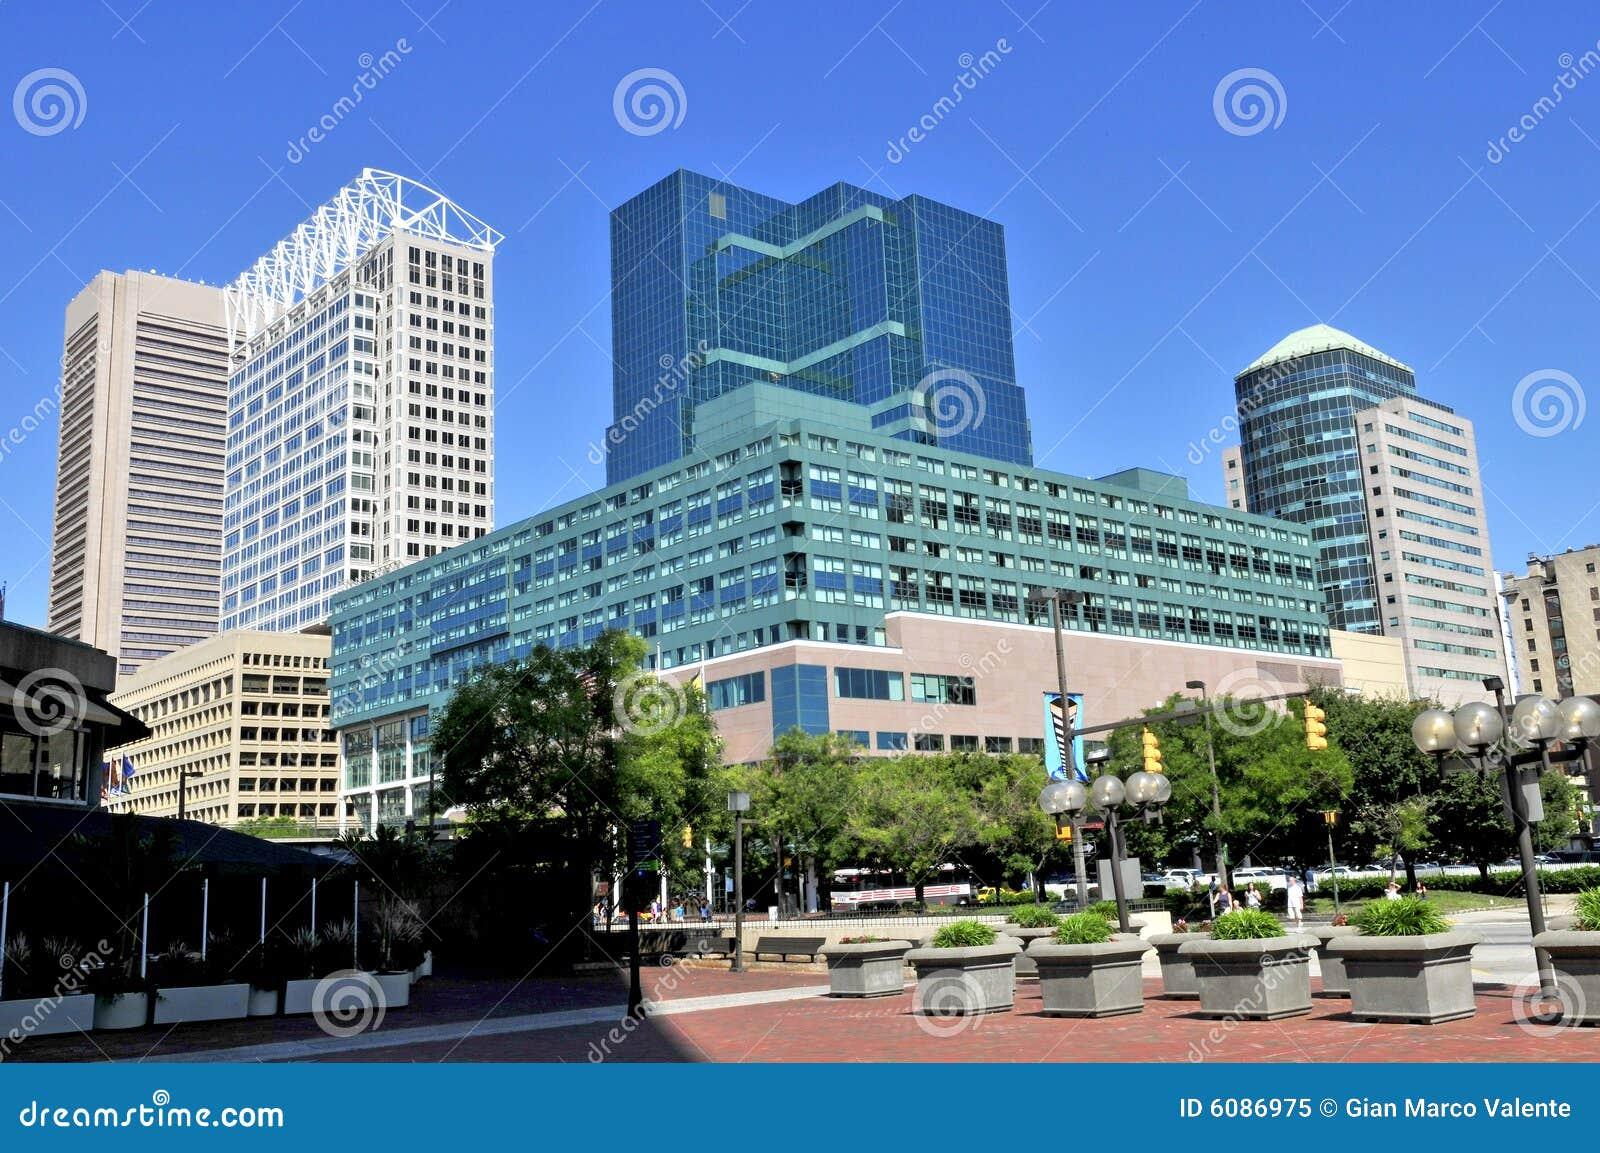 Baltimore Buildings